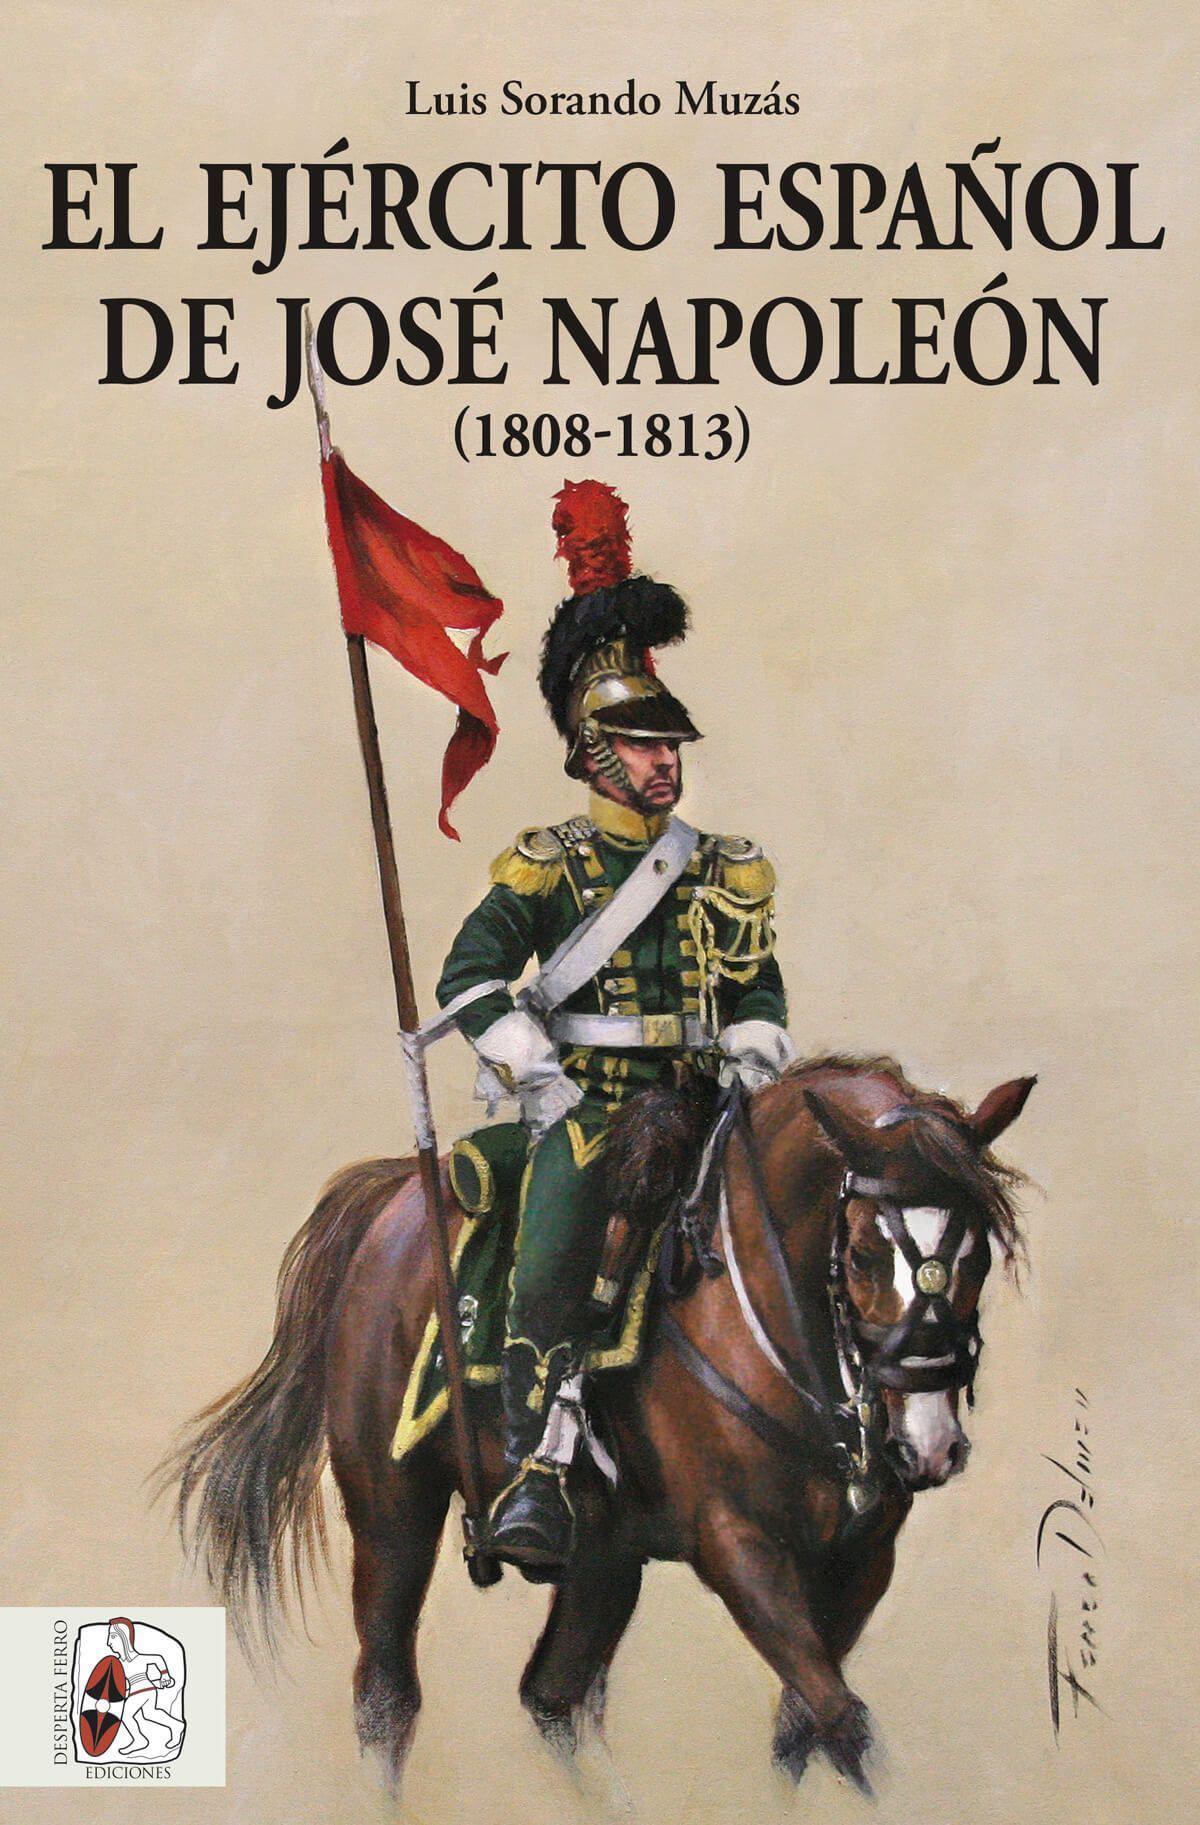 El Ejército español de José Napoleón (1808-1813) Luis Sorando Muzás